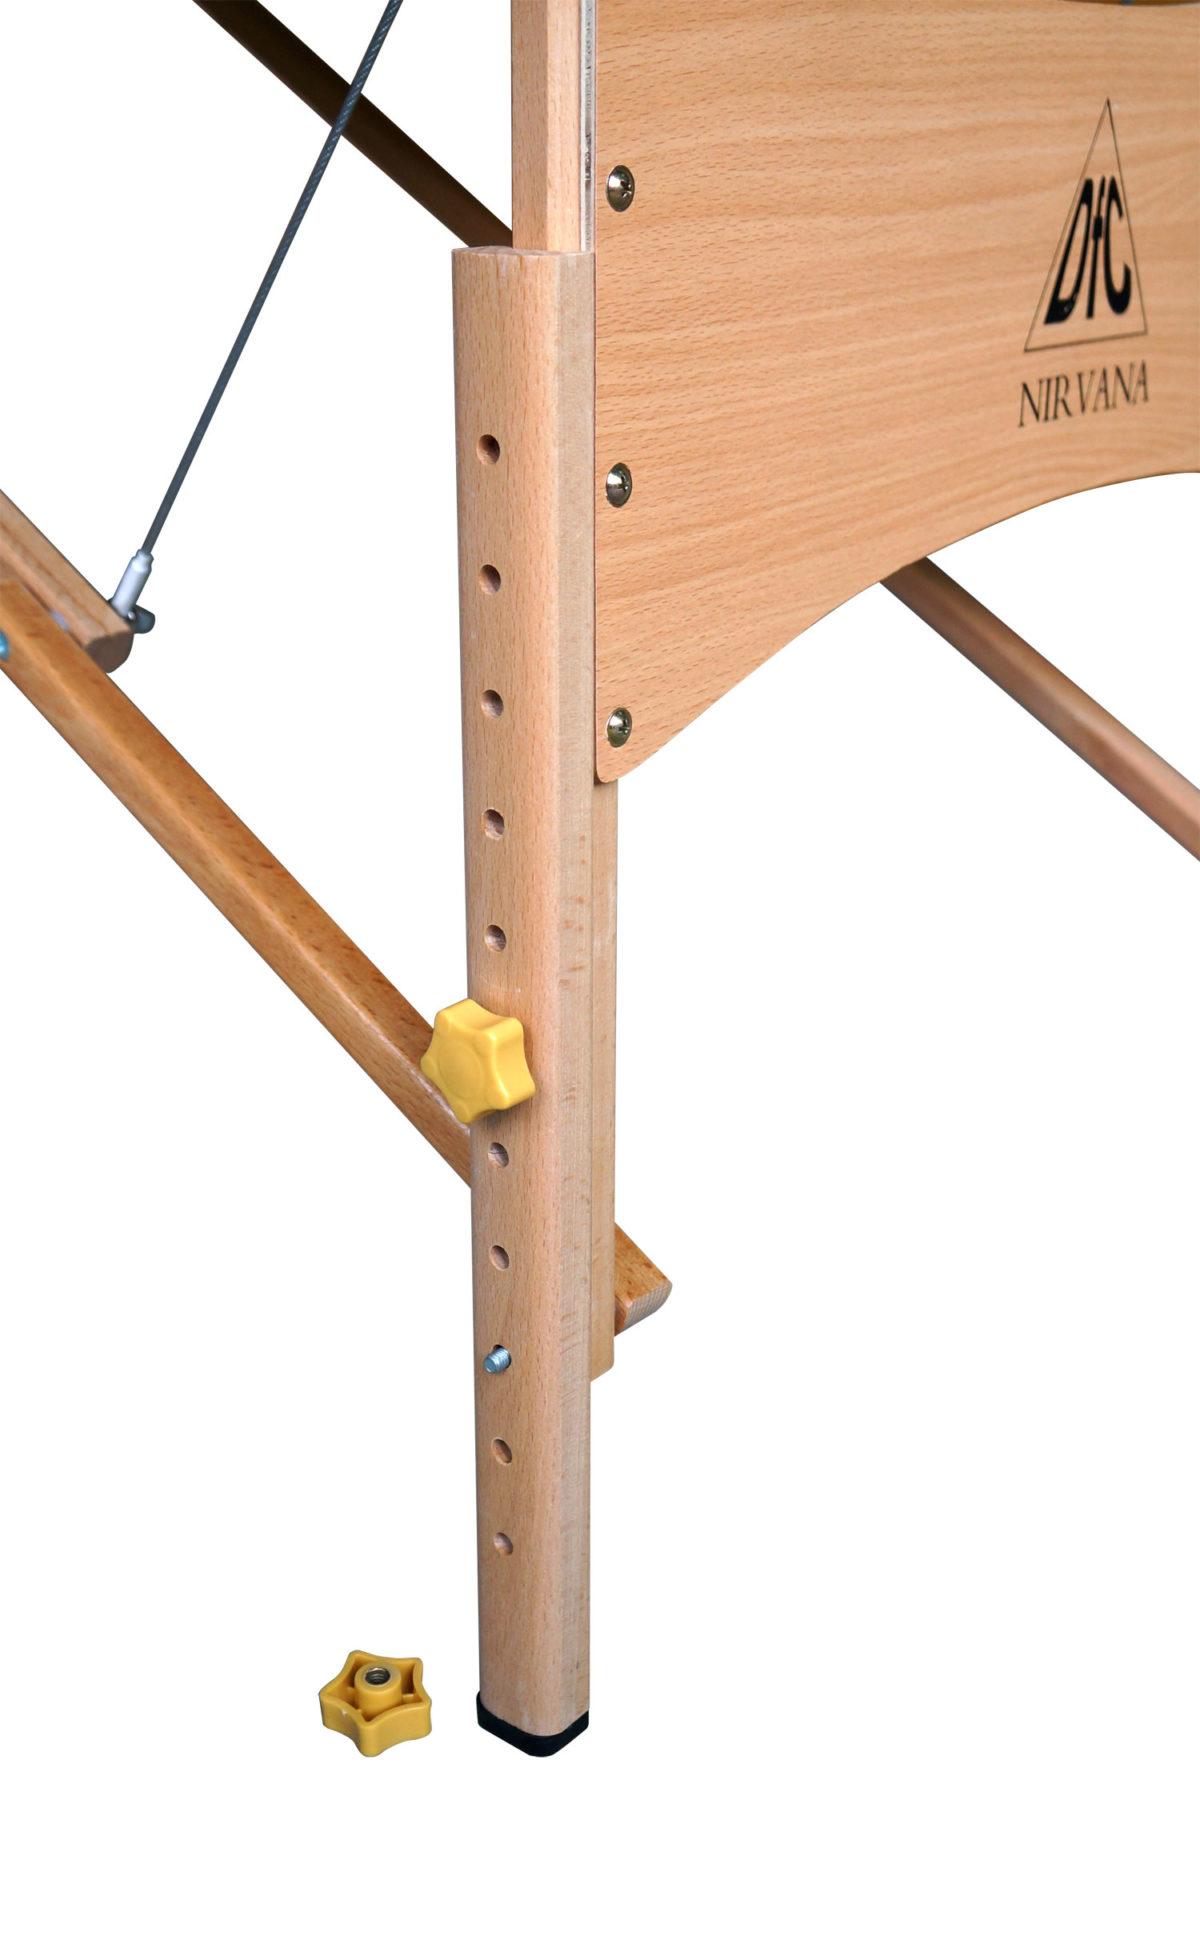 DFC NIRVANA Relax Pro Массажный стол, 3-х секционный TS3021_B1 - 5